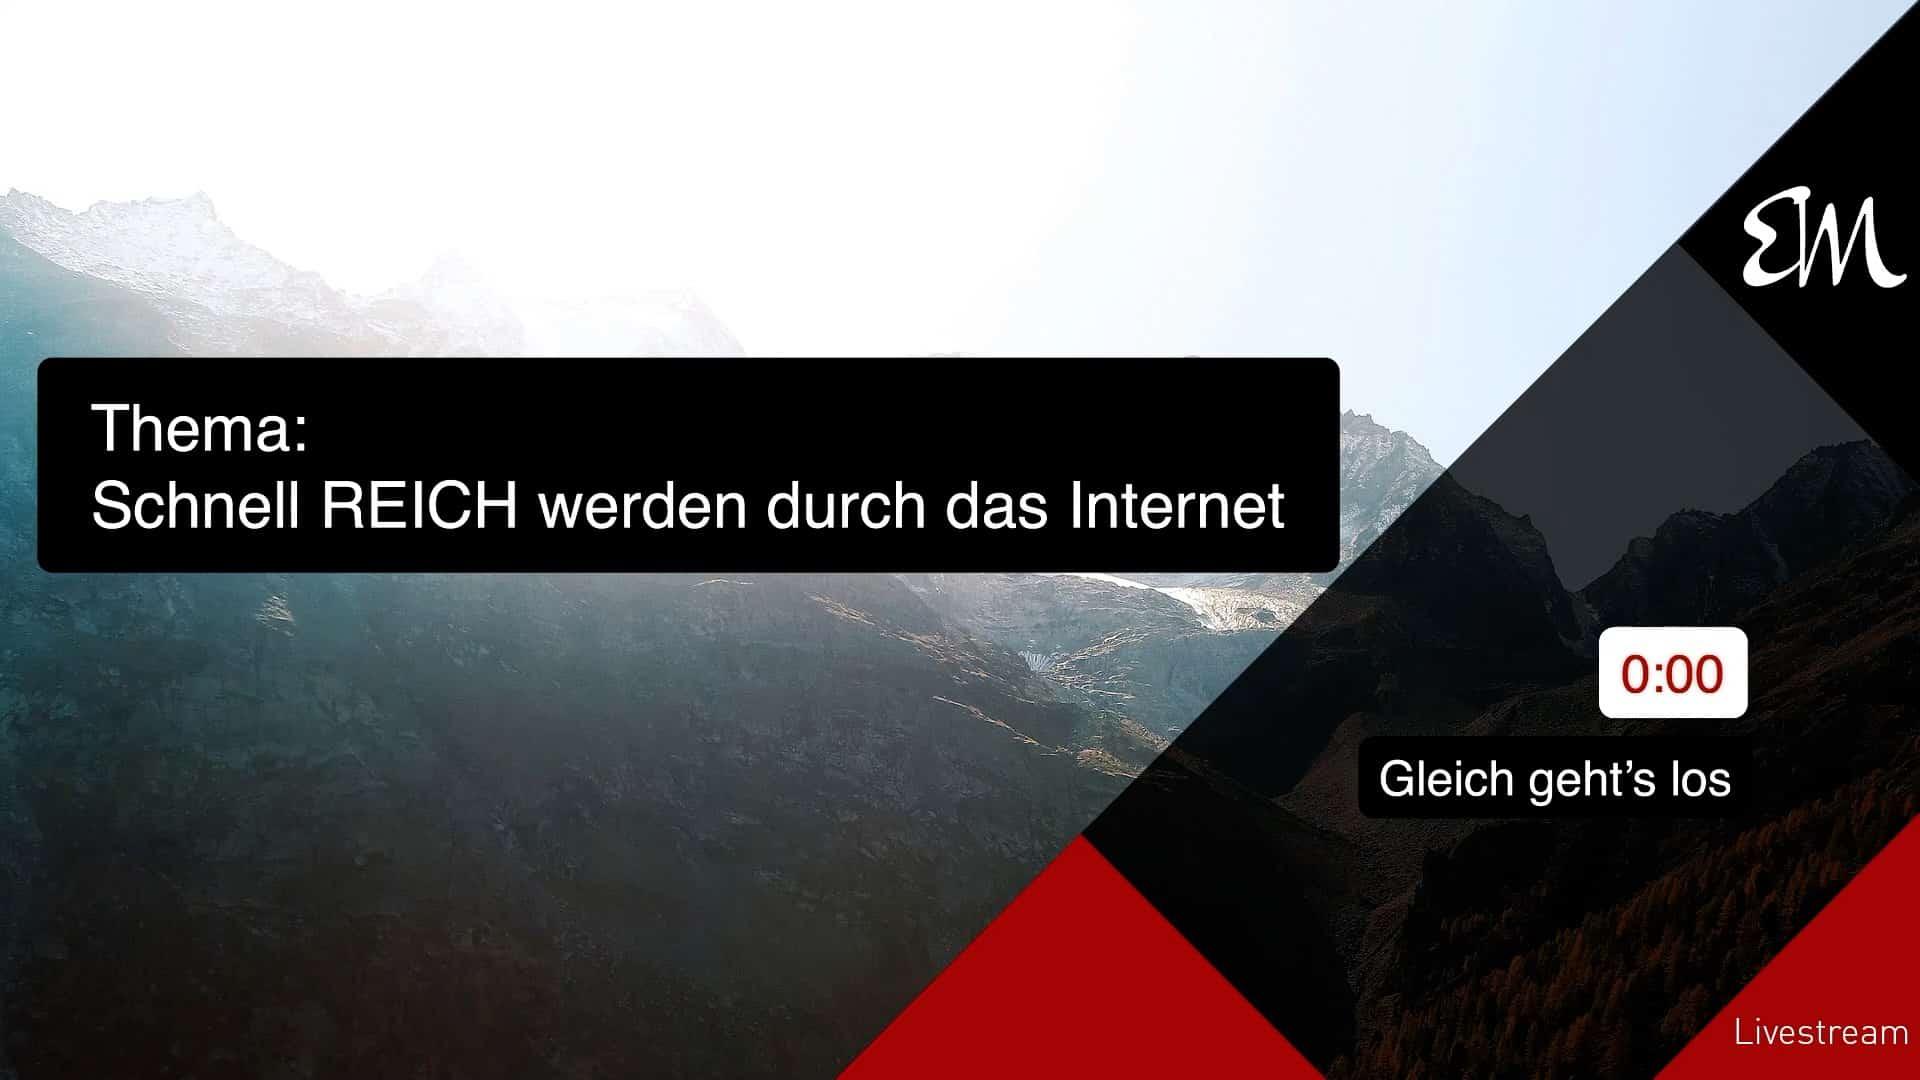 Schnell reich werden durch das internet?